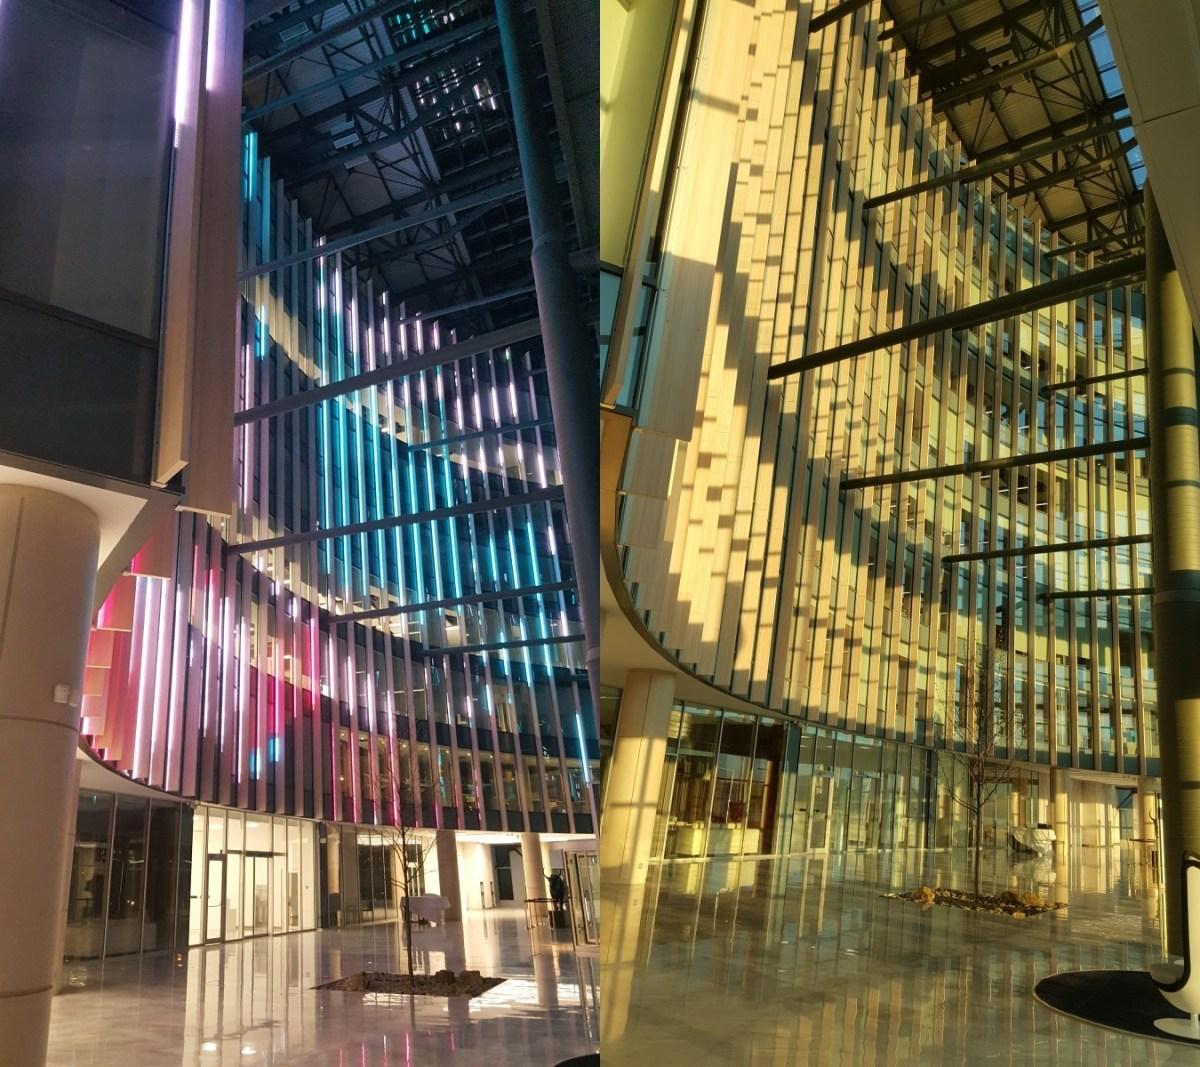 ForteBank, Astana, Kazakhstan - Vue de la structure lumineuse dans l'atrium - Conception et image : Alexandre Kolinka